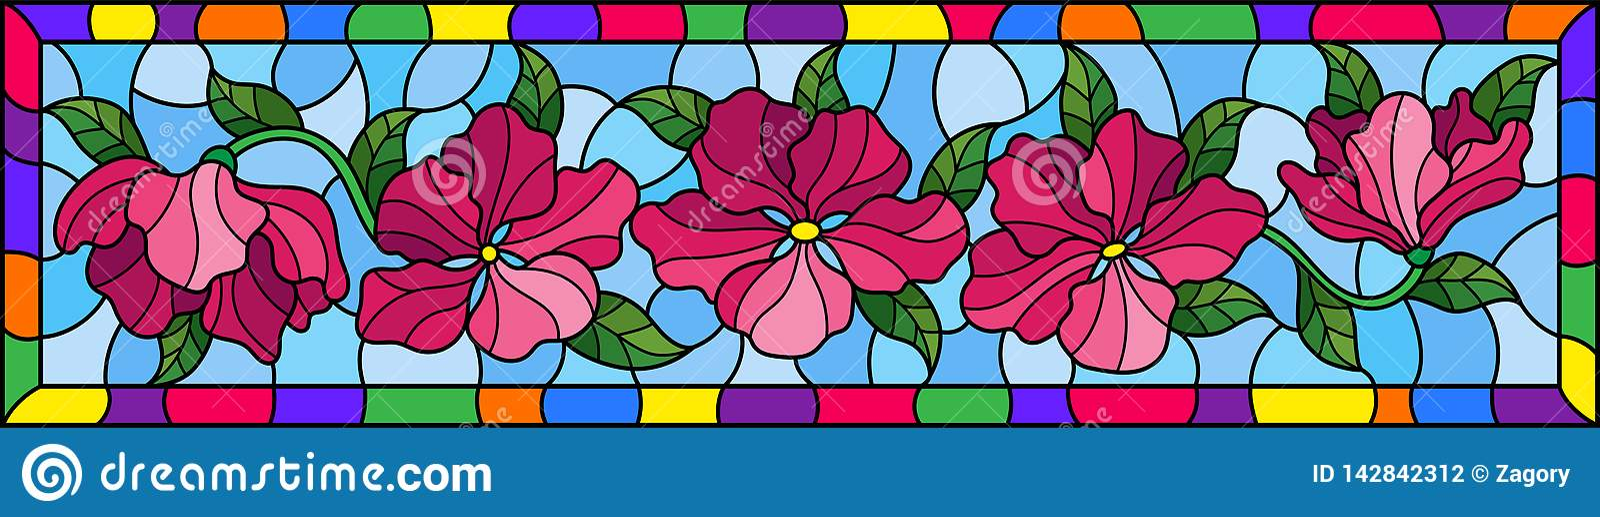 Gebrandschilderd glasillustratie met roze bloemen en bladeren op blauwe achtergrond, horizontaal beeld in helder kader